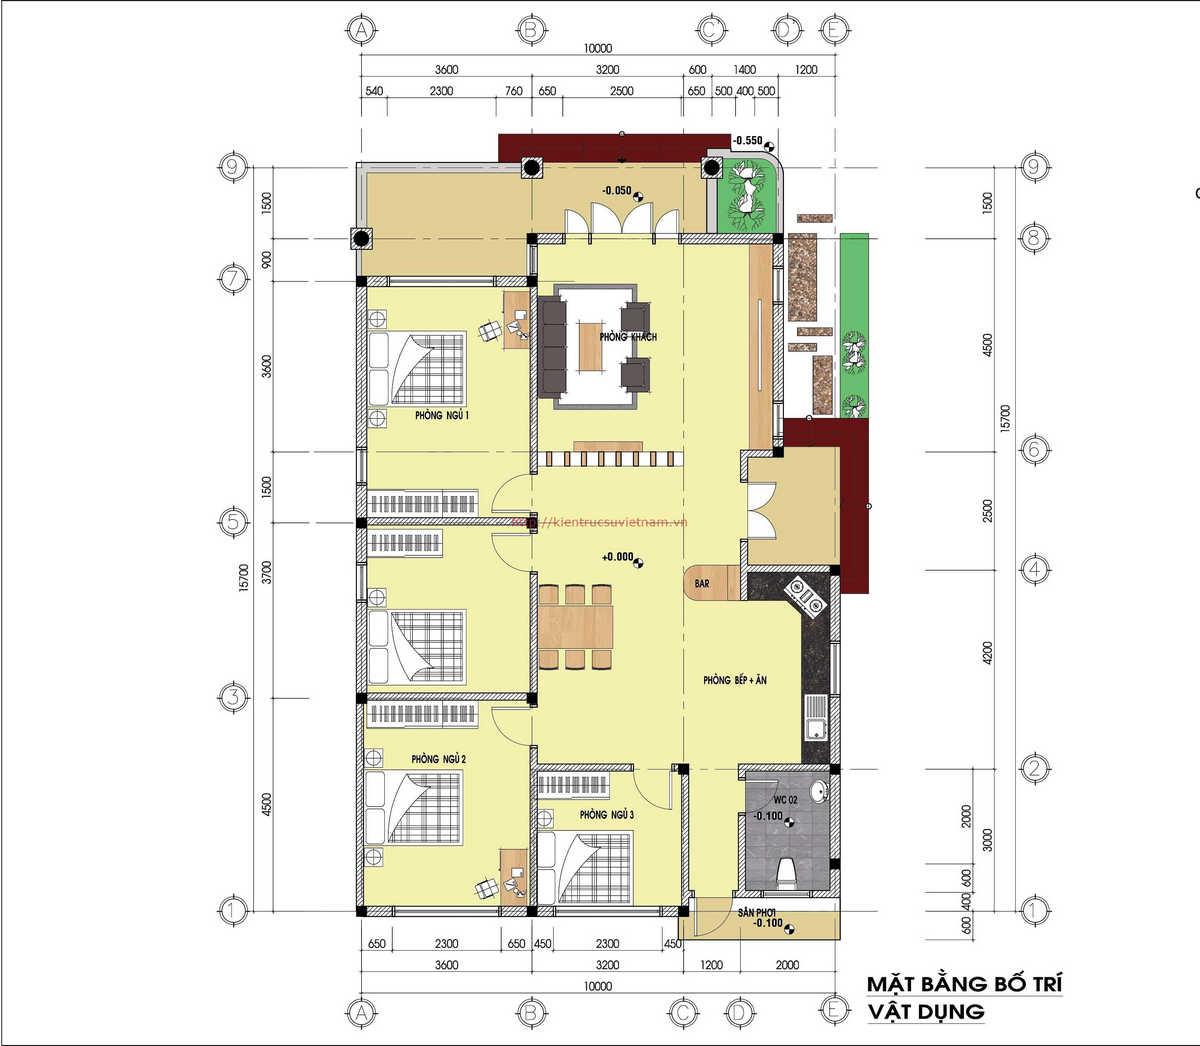 mau nha cap 4 nong thon 2 - Thiết kế biệt thự 1 tầng 120m2